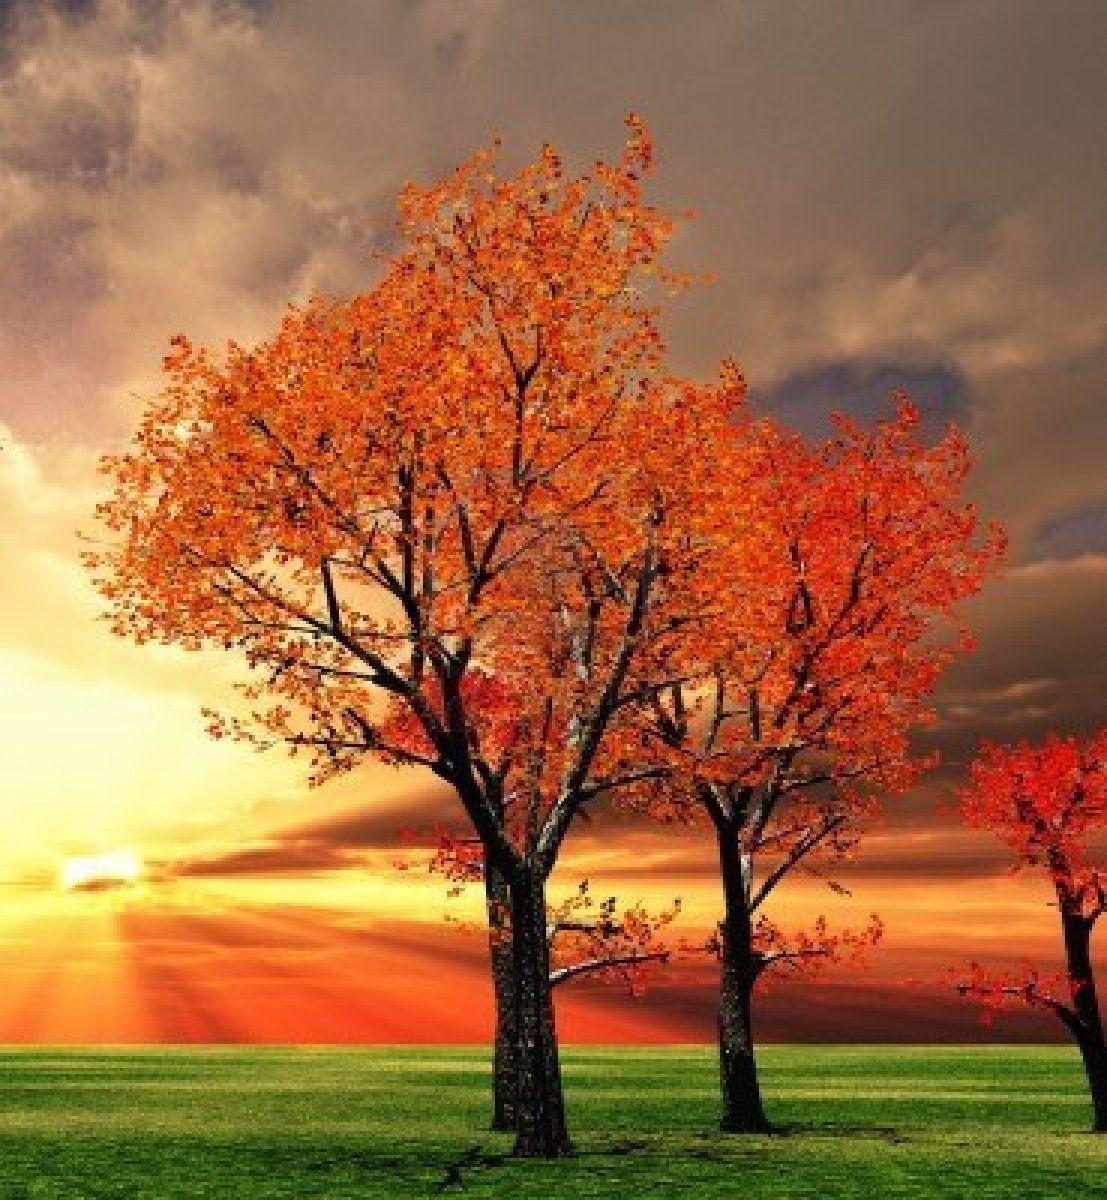 Stock Photo Autumn Scenery Fall Trees Photography Scenery